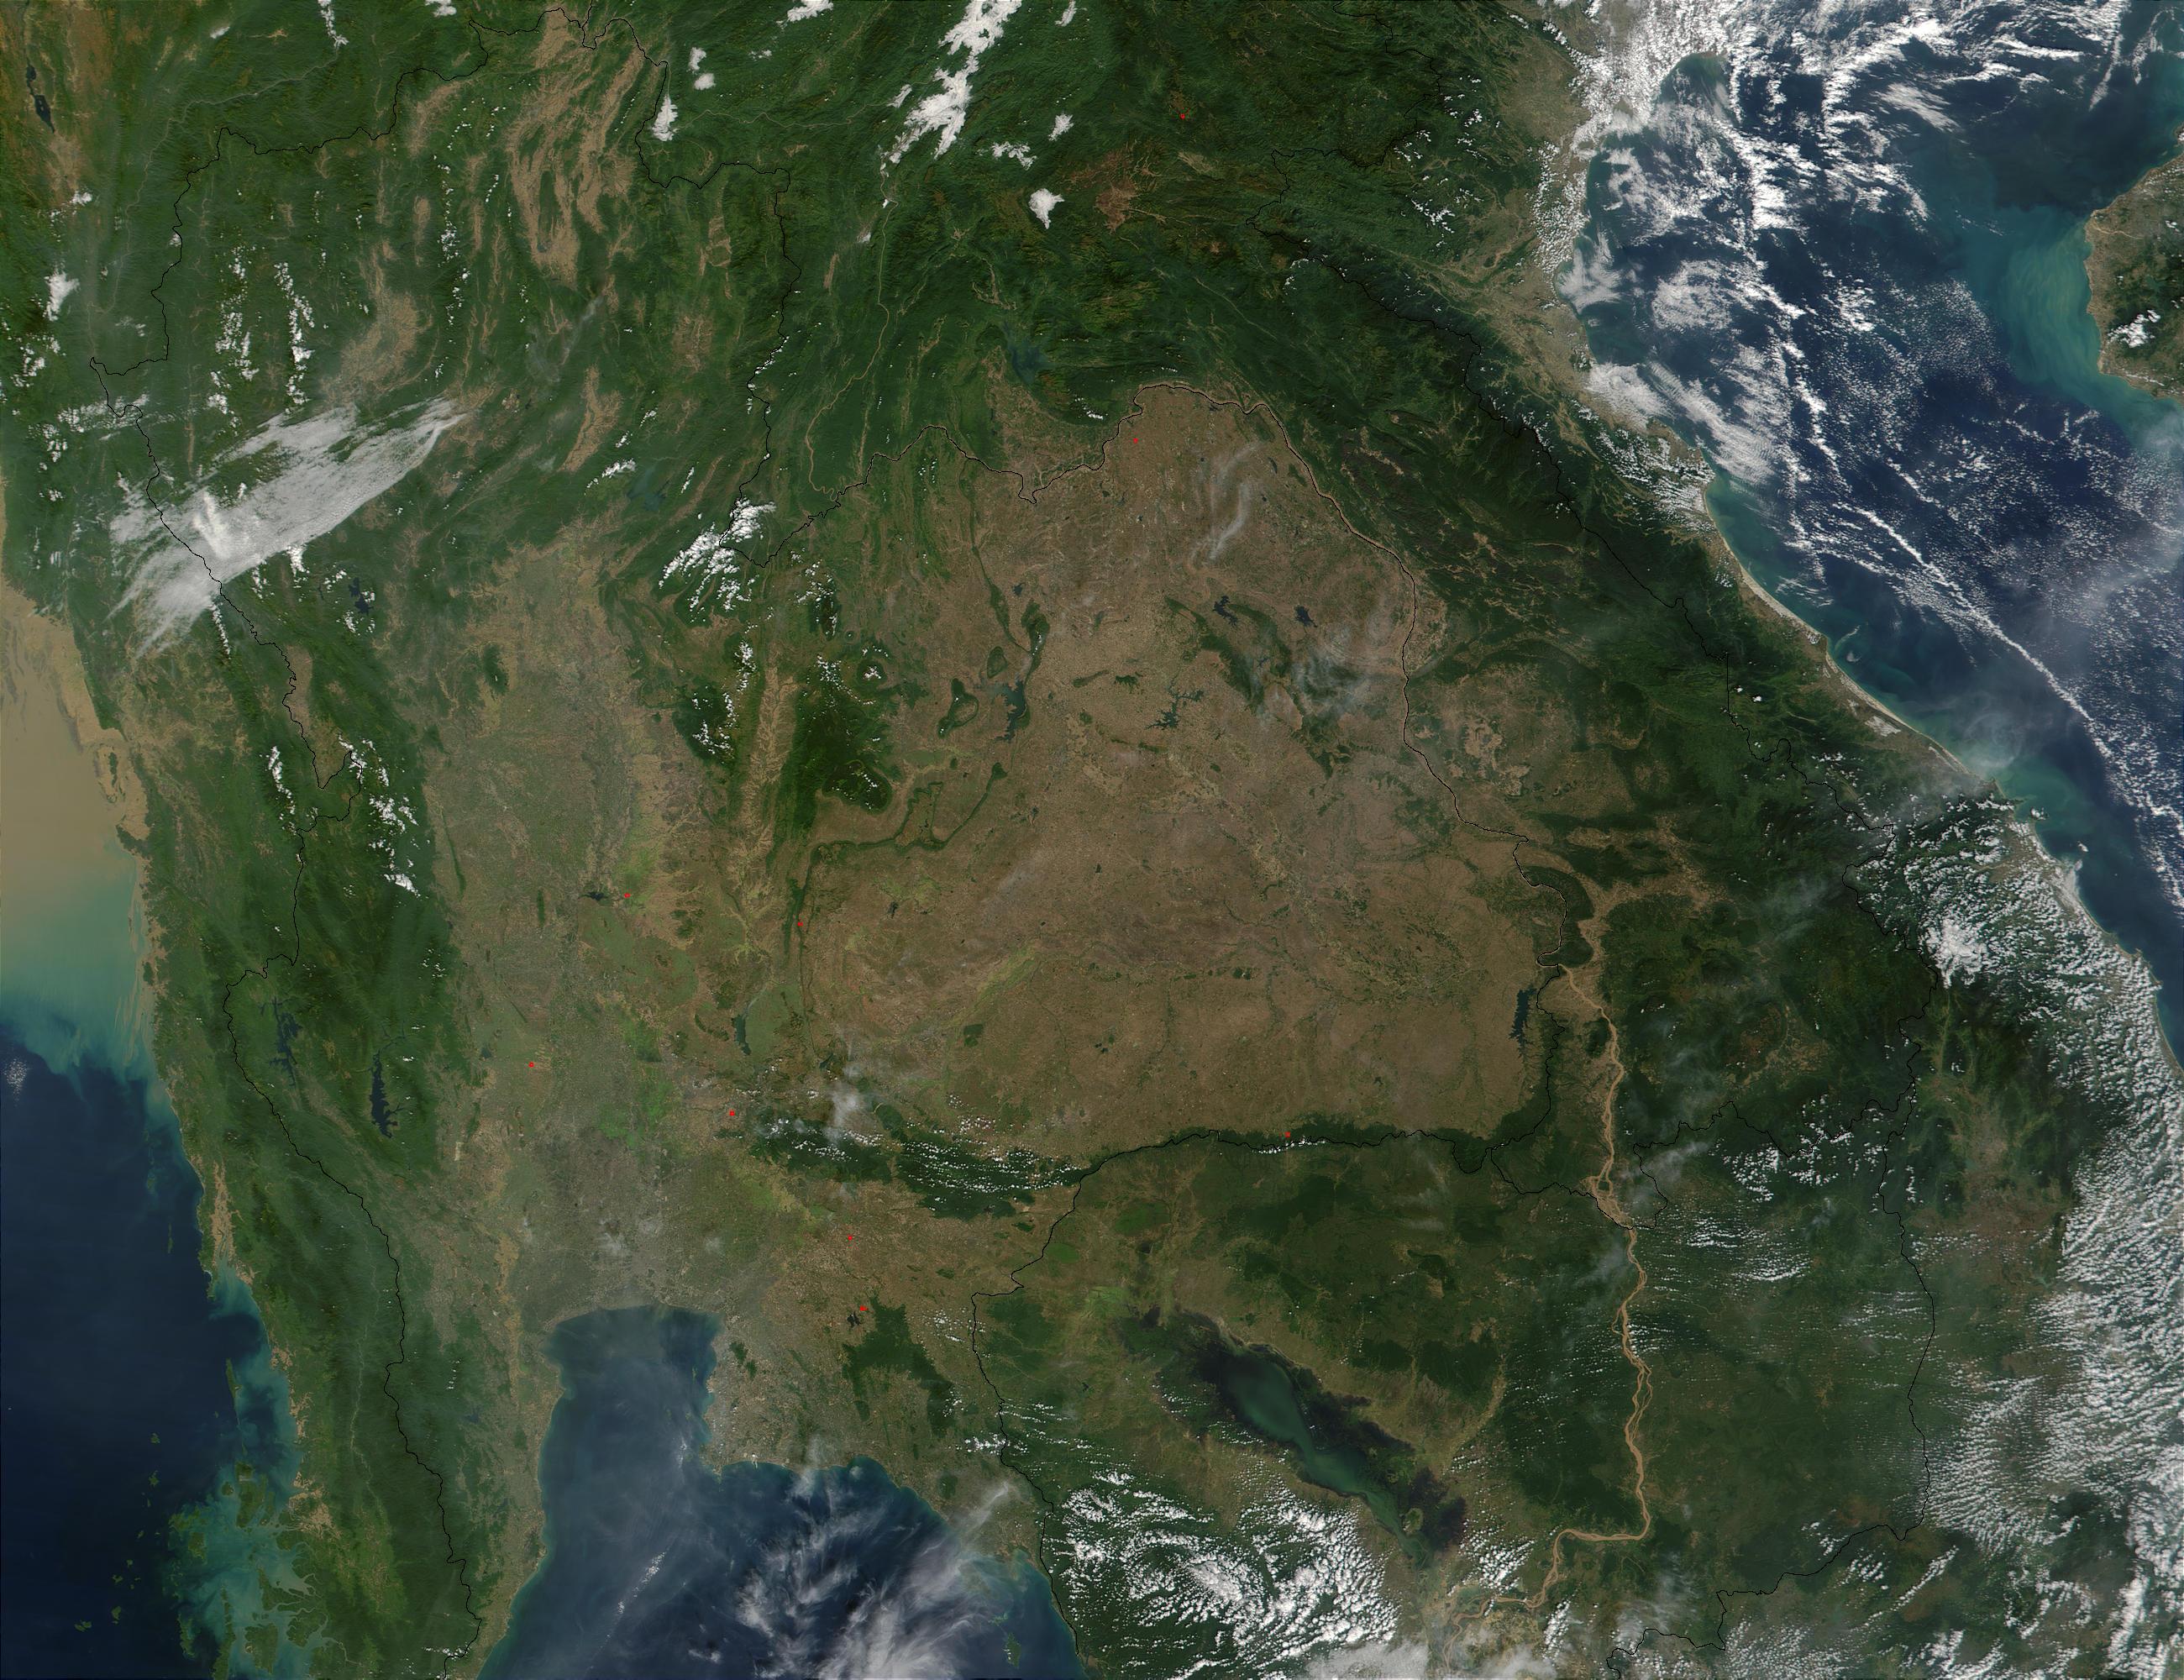 external image Thailand.A2001334.0350.500m.jpg